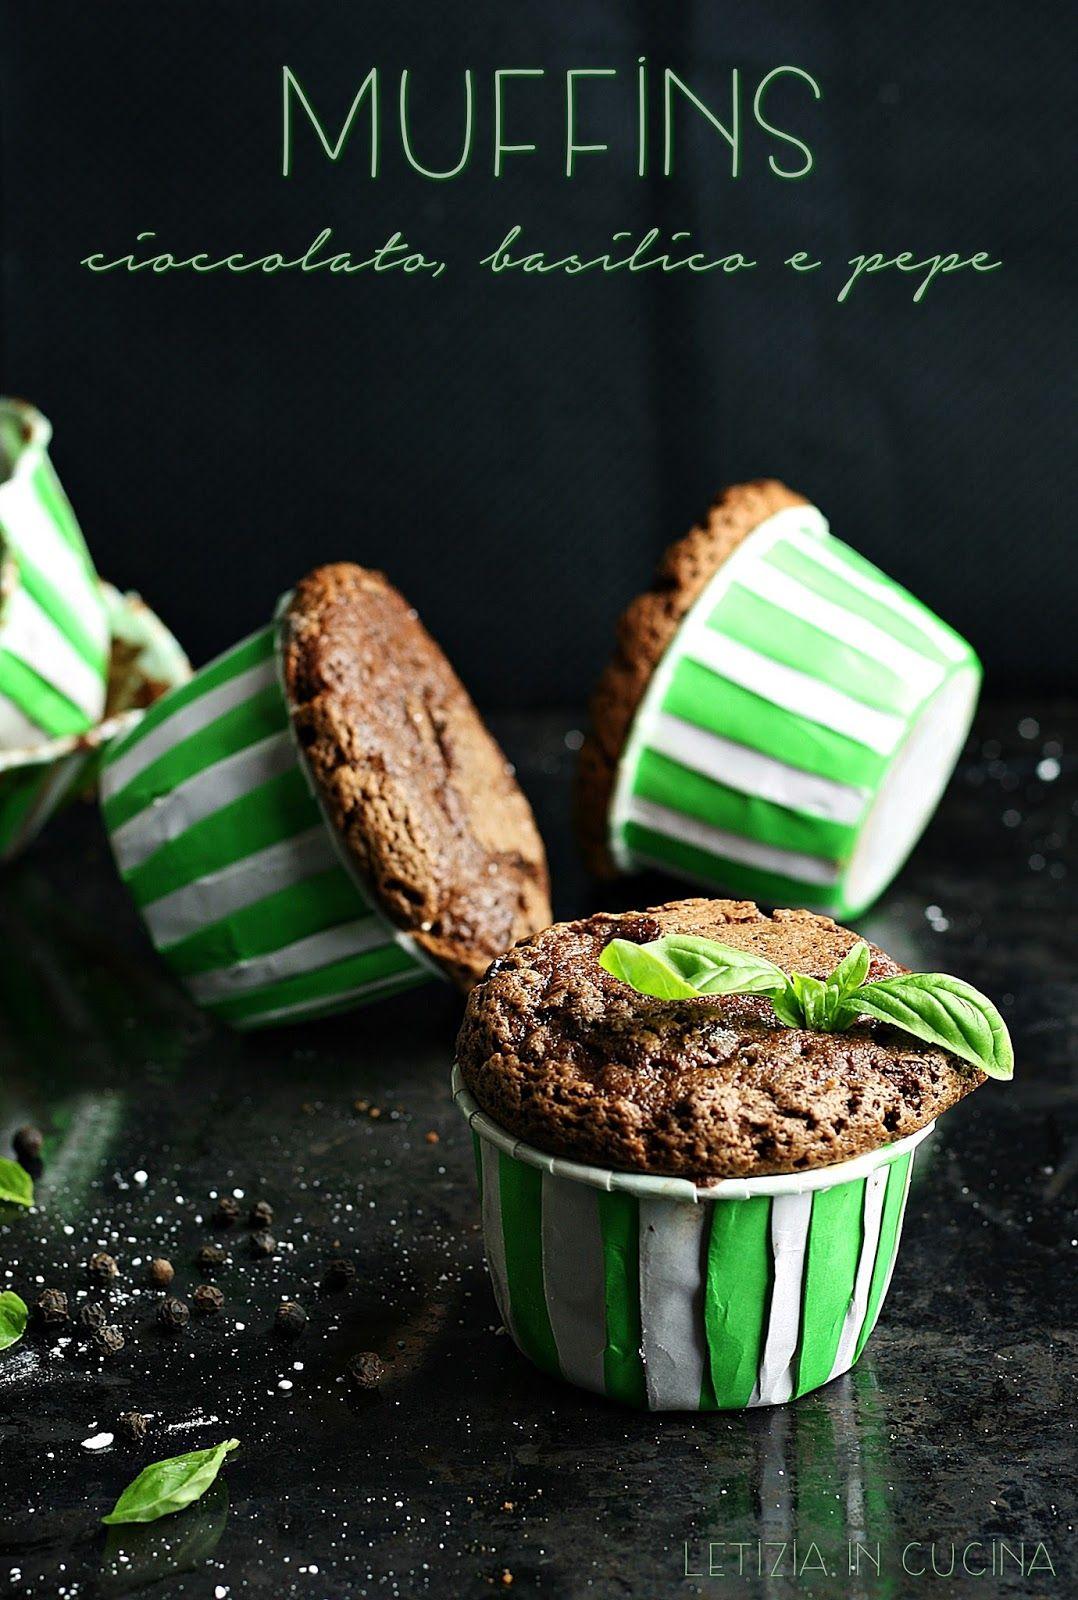 Letizia in Cucina: Muffins con cioccolato, basilico e pepe ...